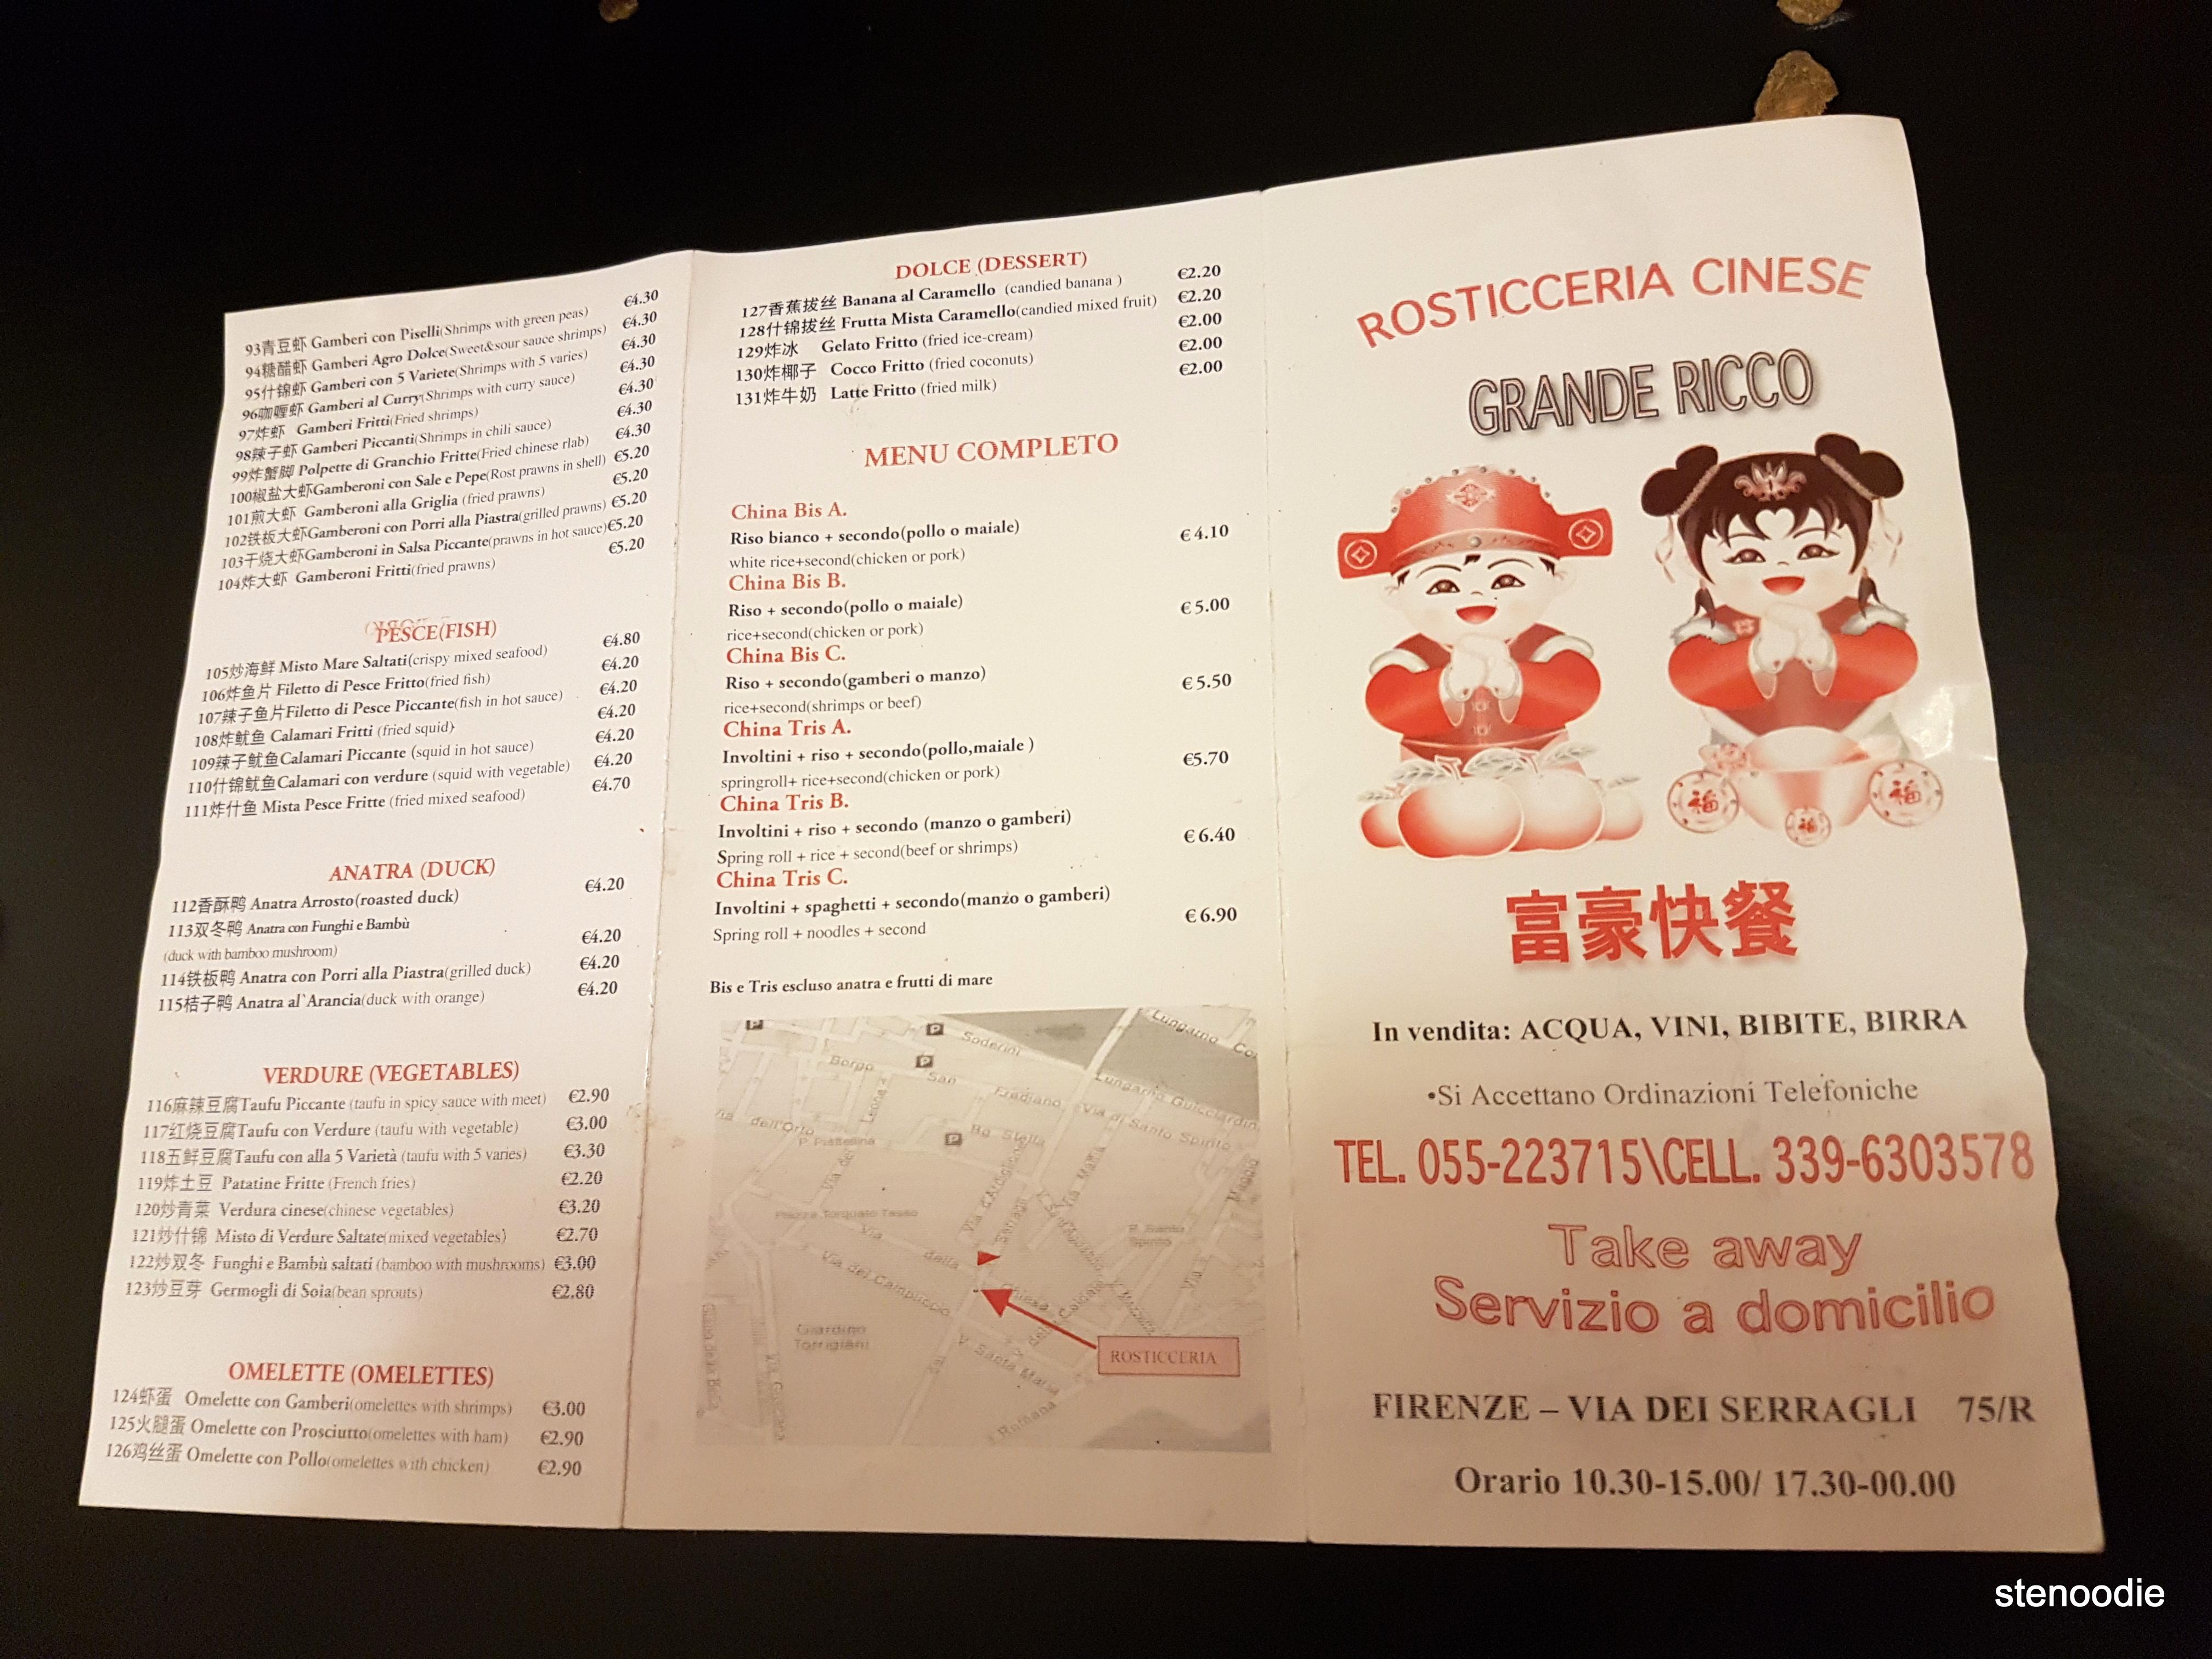 Rosticceria Girasole menu and prices